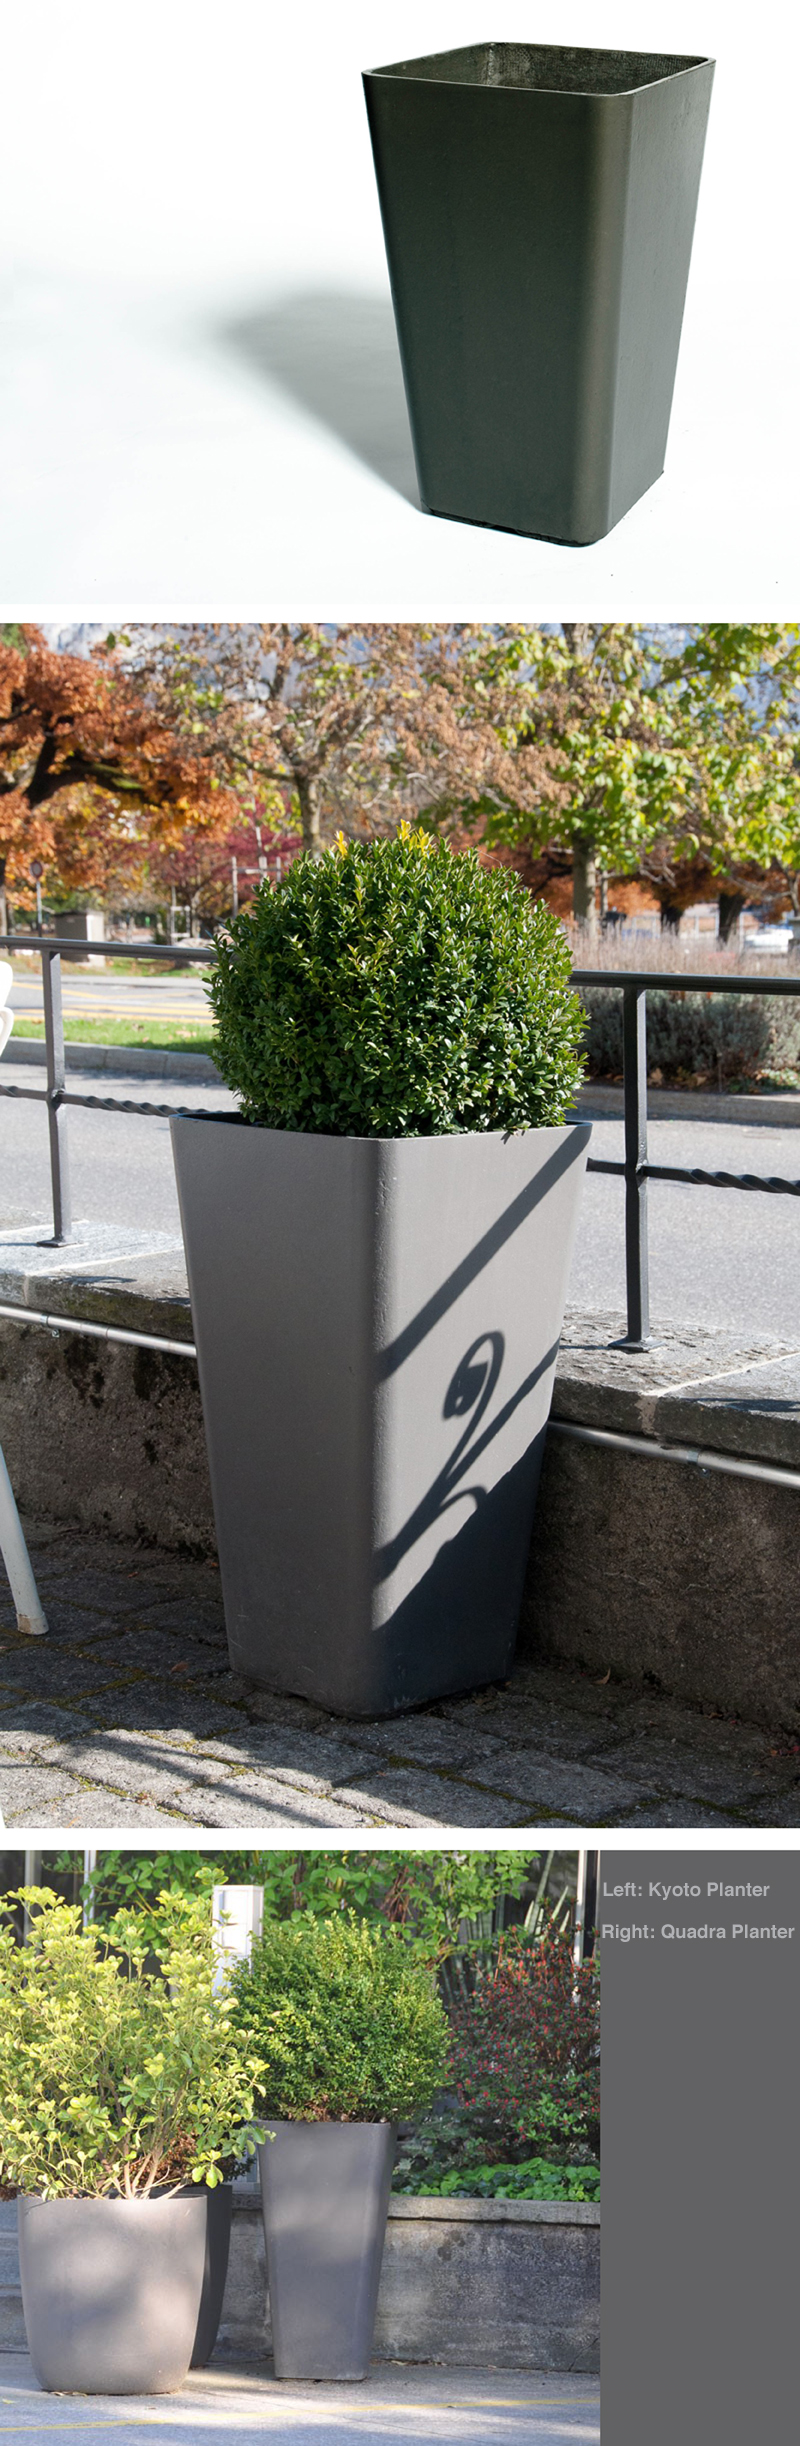 quadra tall planter pots outdoor planter design nova68 modern